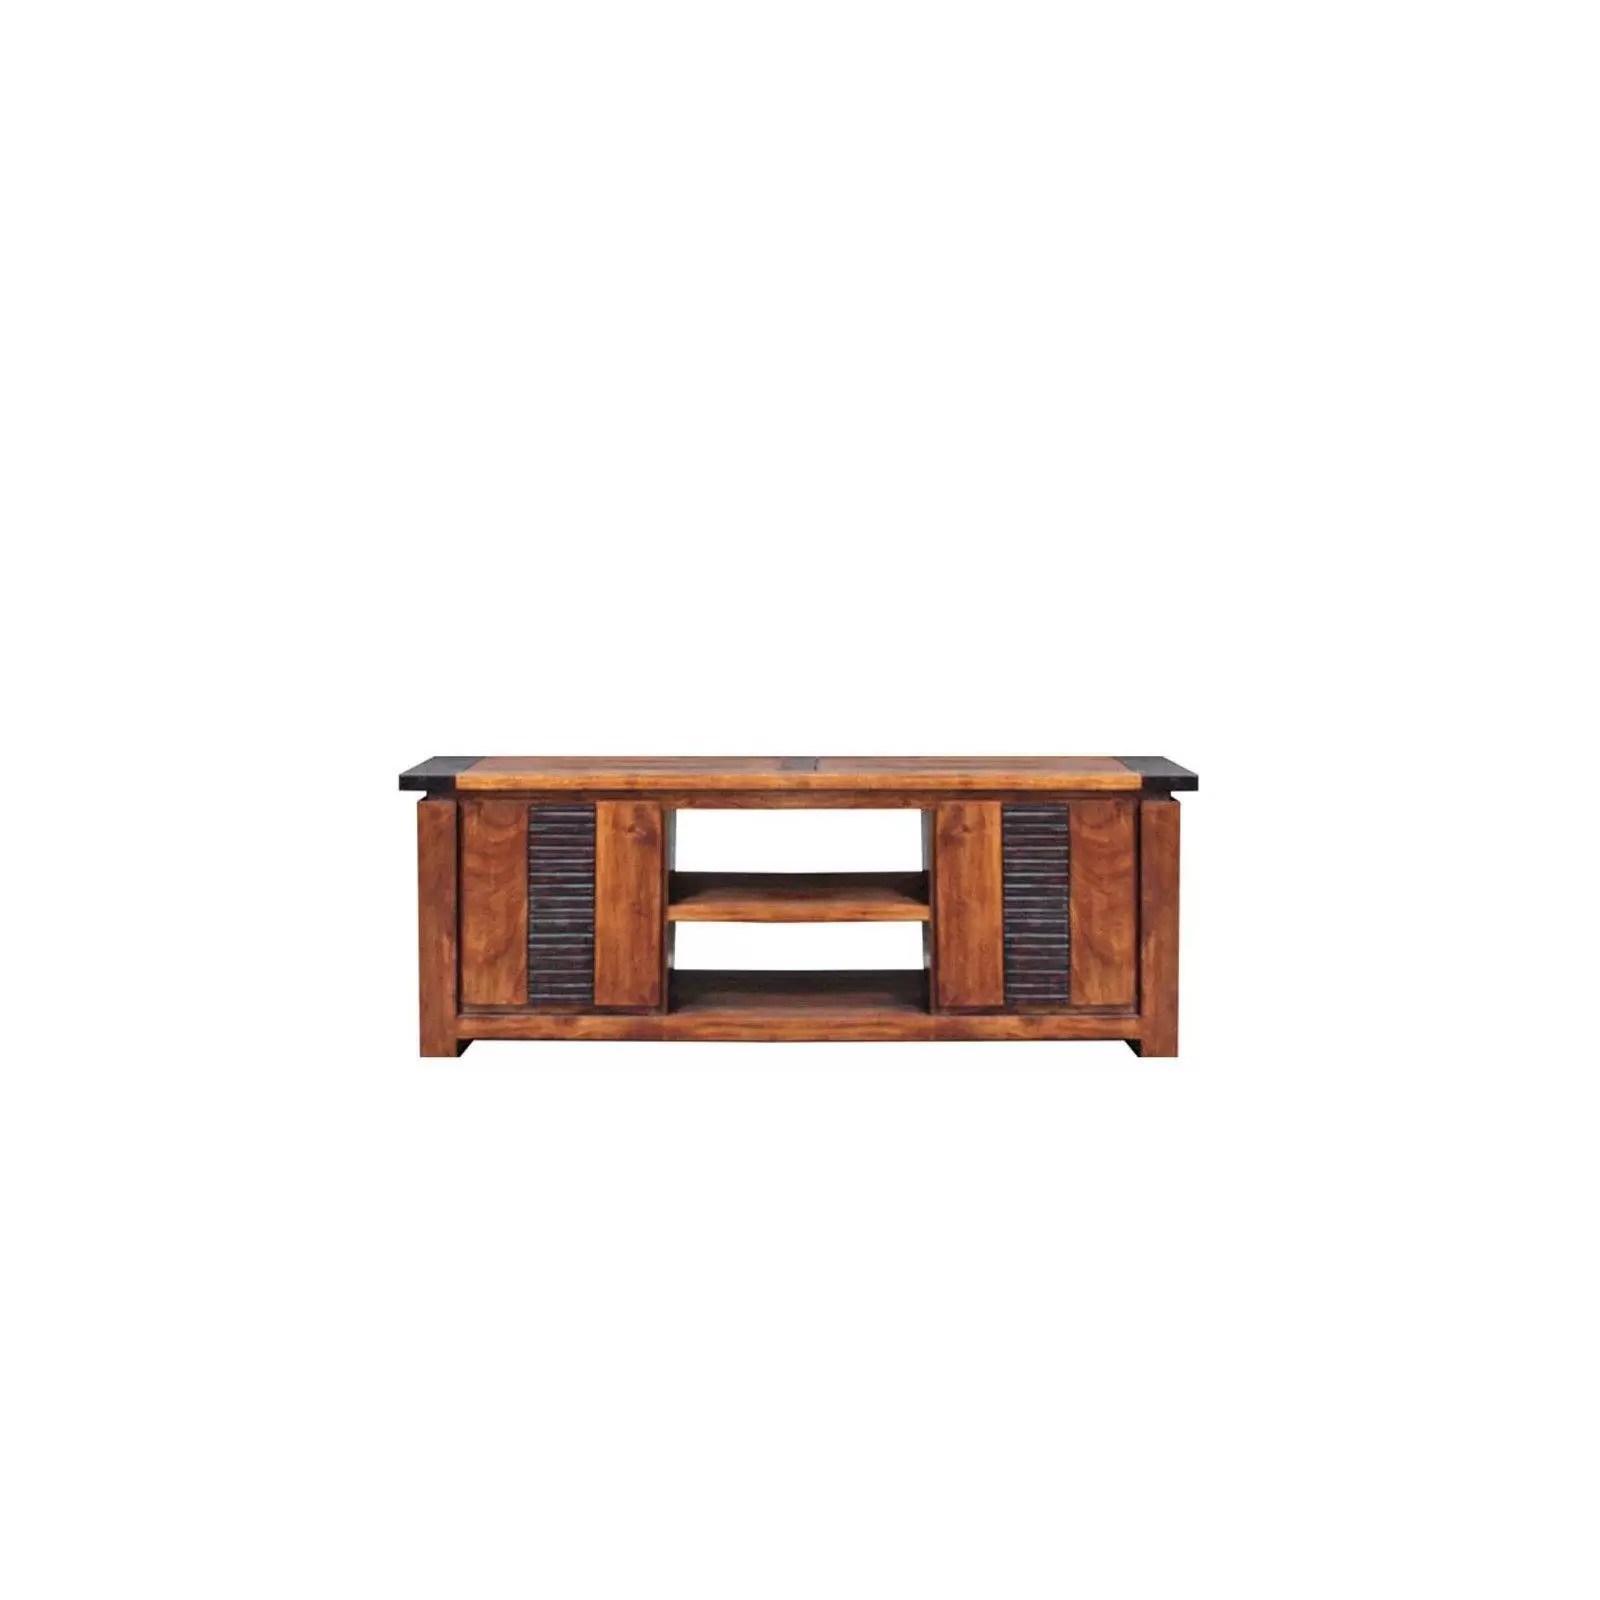 meuble tv moon ethnique chic en bois d acacia massif 2 portes et 1 etagere